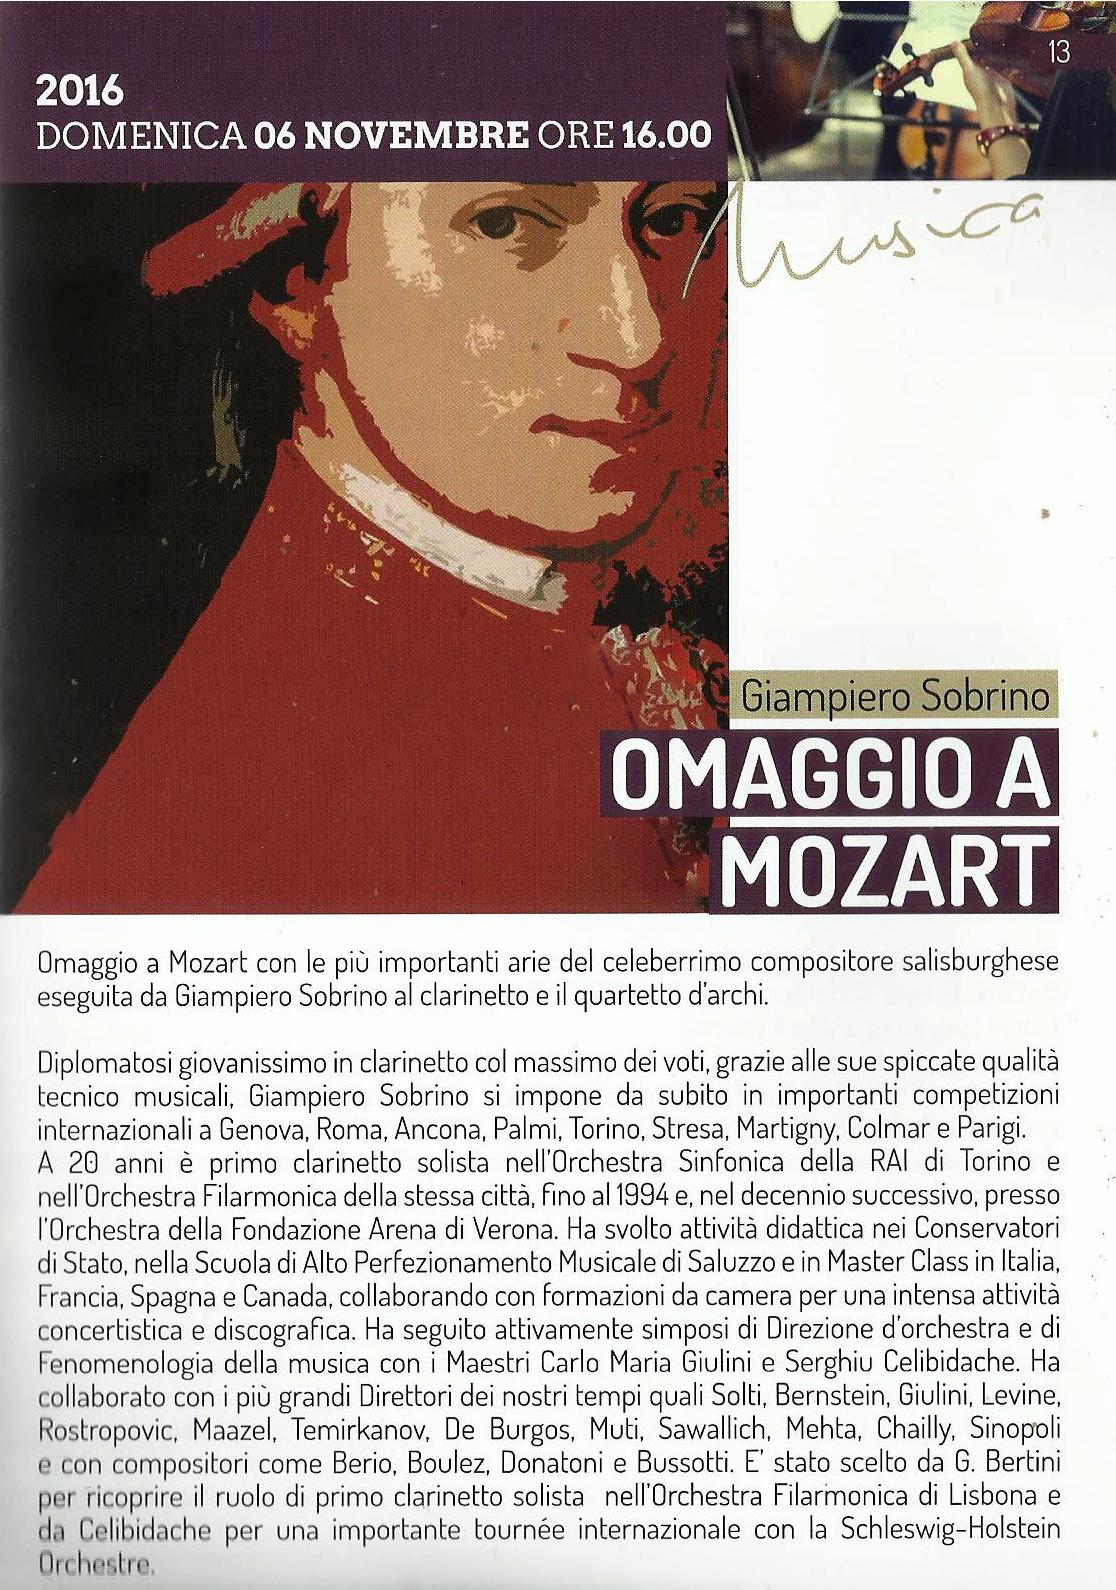 Omaggio-a-Mozart-ferrara2